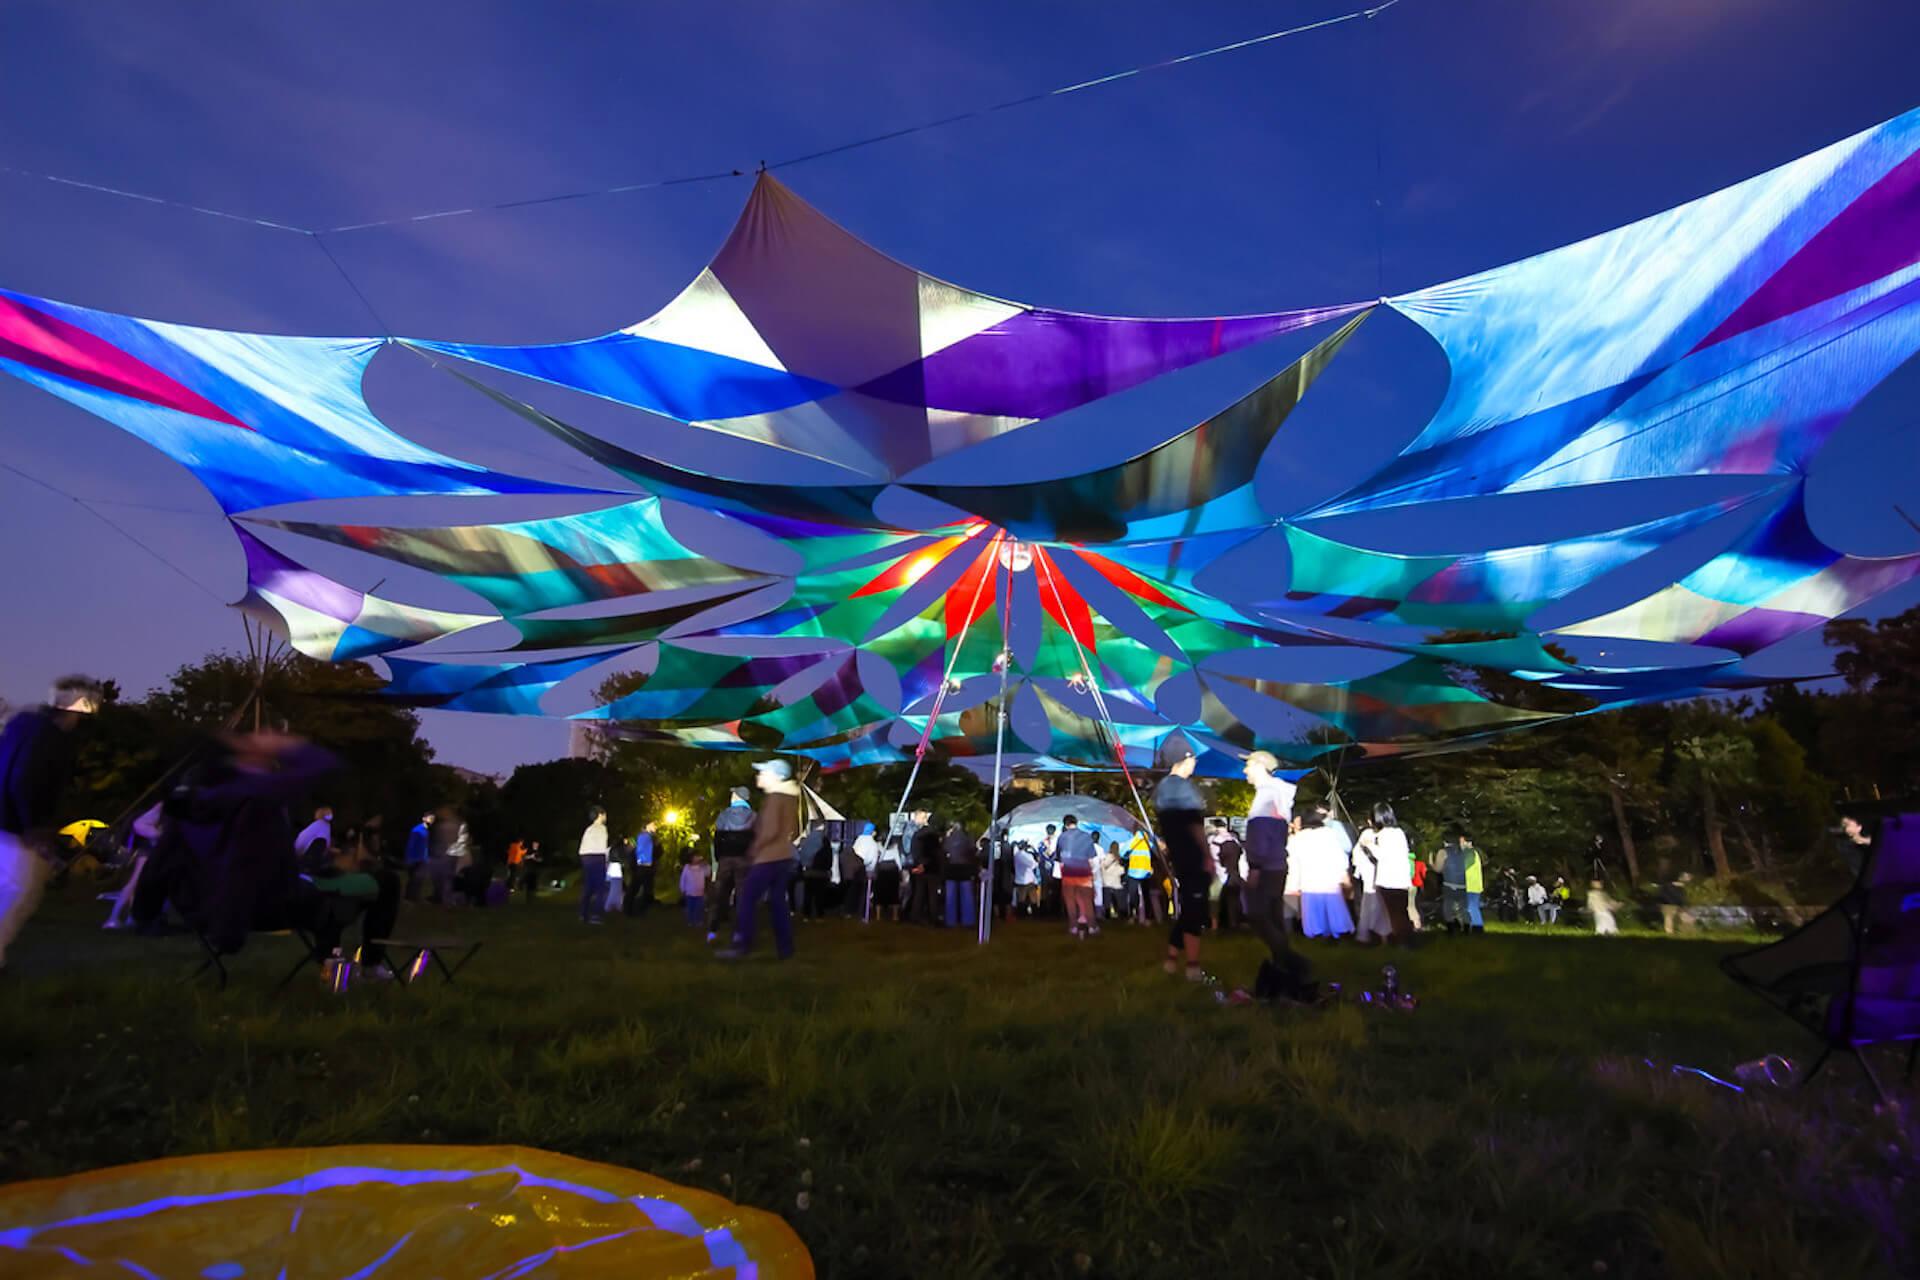 10月開催の<Brightness Open Air 2021 Autumn>第1弾ラインナップが発表!KEN ISHII、REE.K、HIROSHI WATANABE a.k.a KAITOら20組超え music210805_brightness-open-air_4